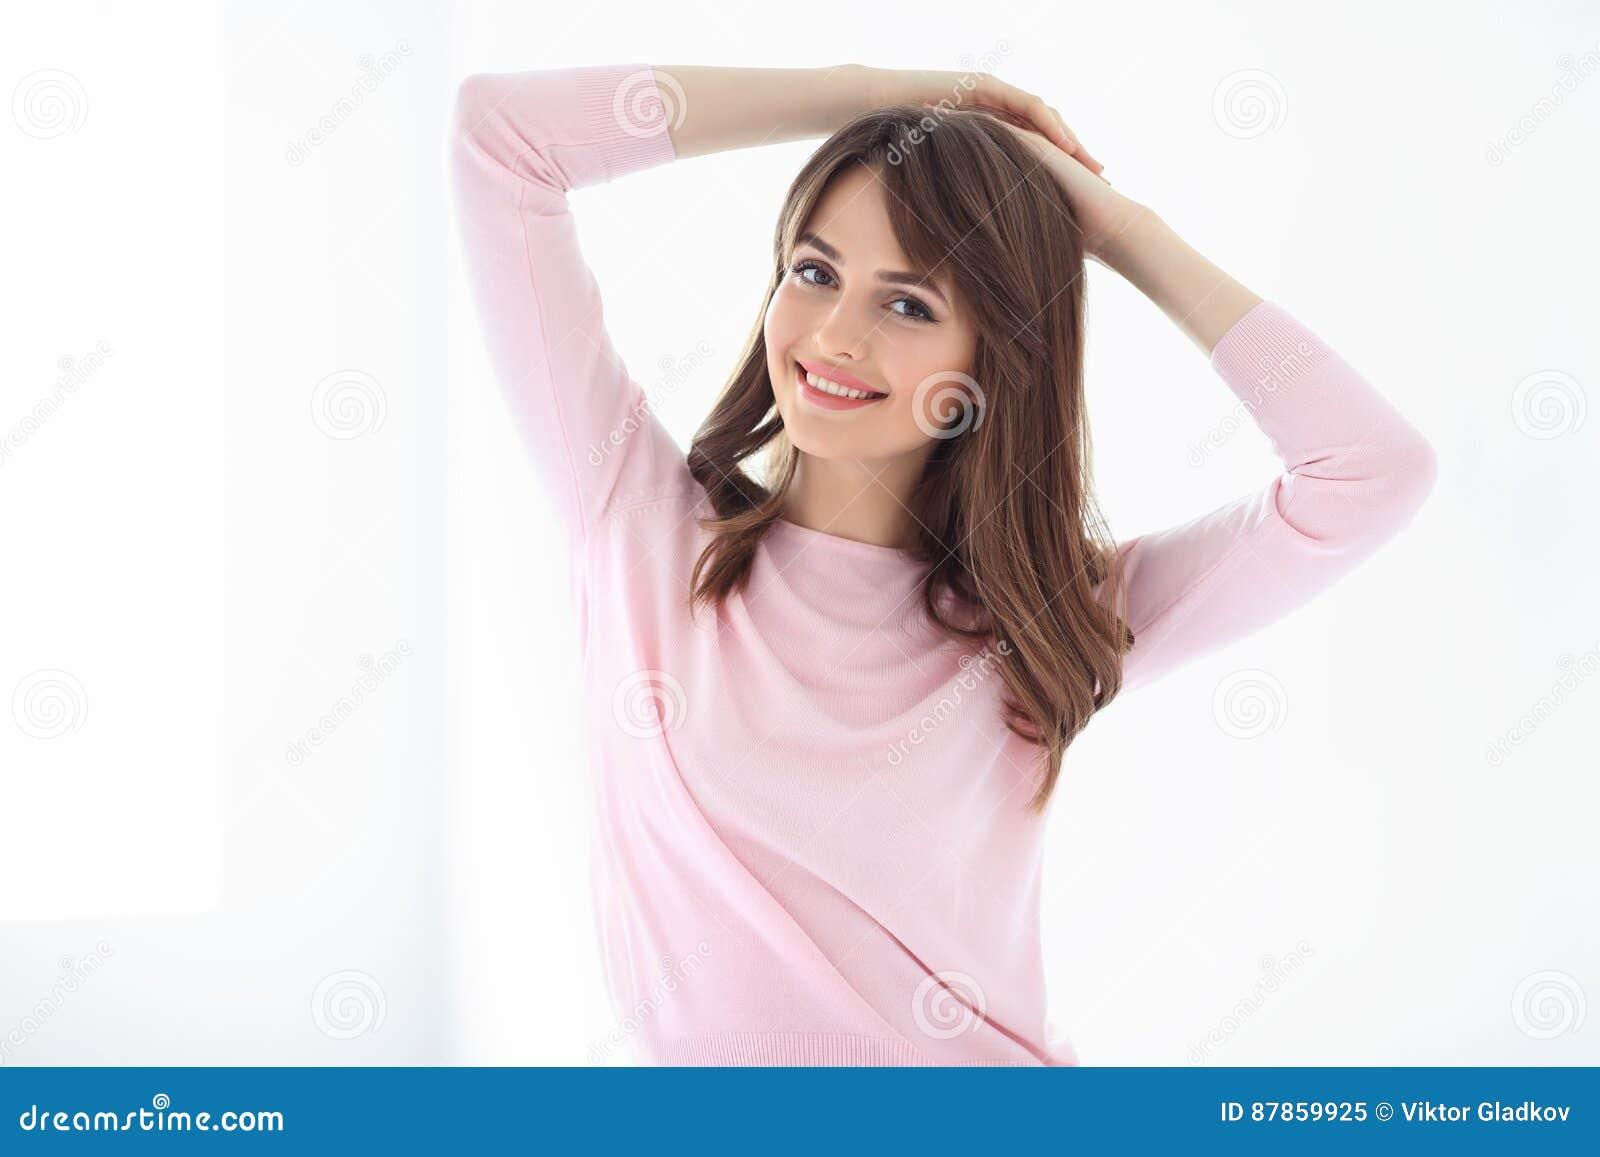 Piękna uśmiechnięta kobieta na białym tle